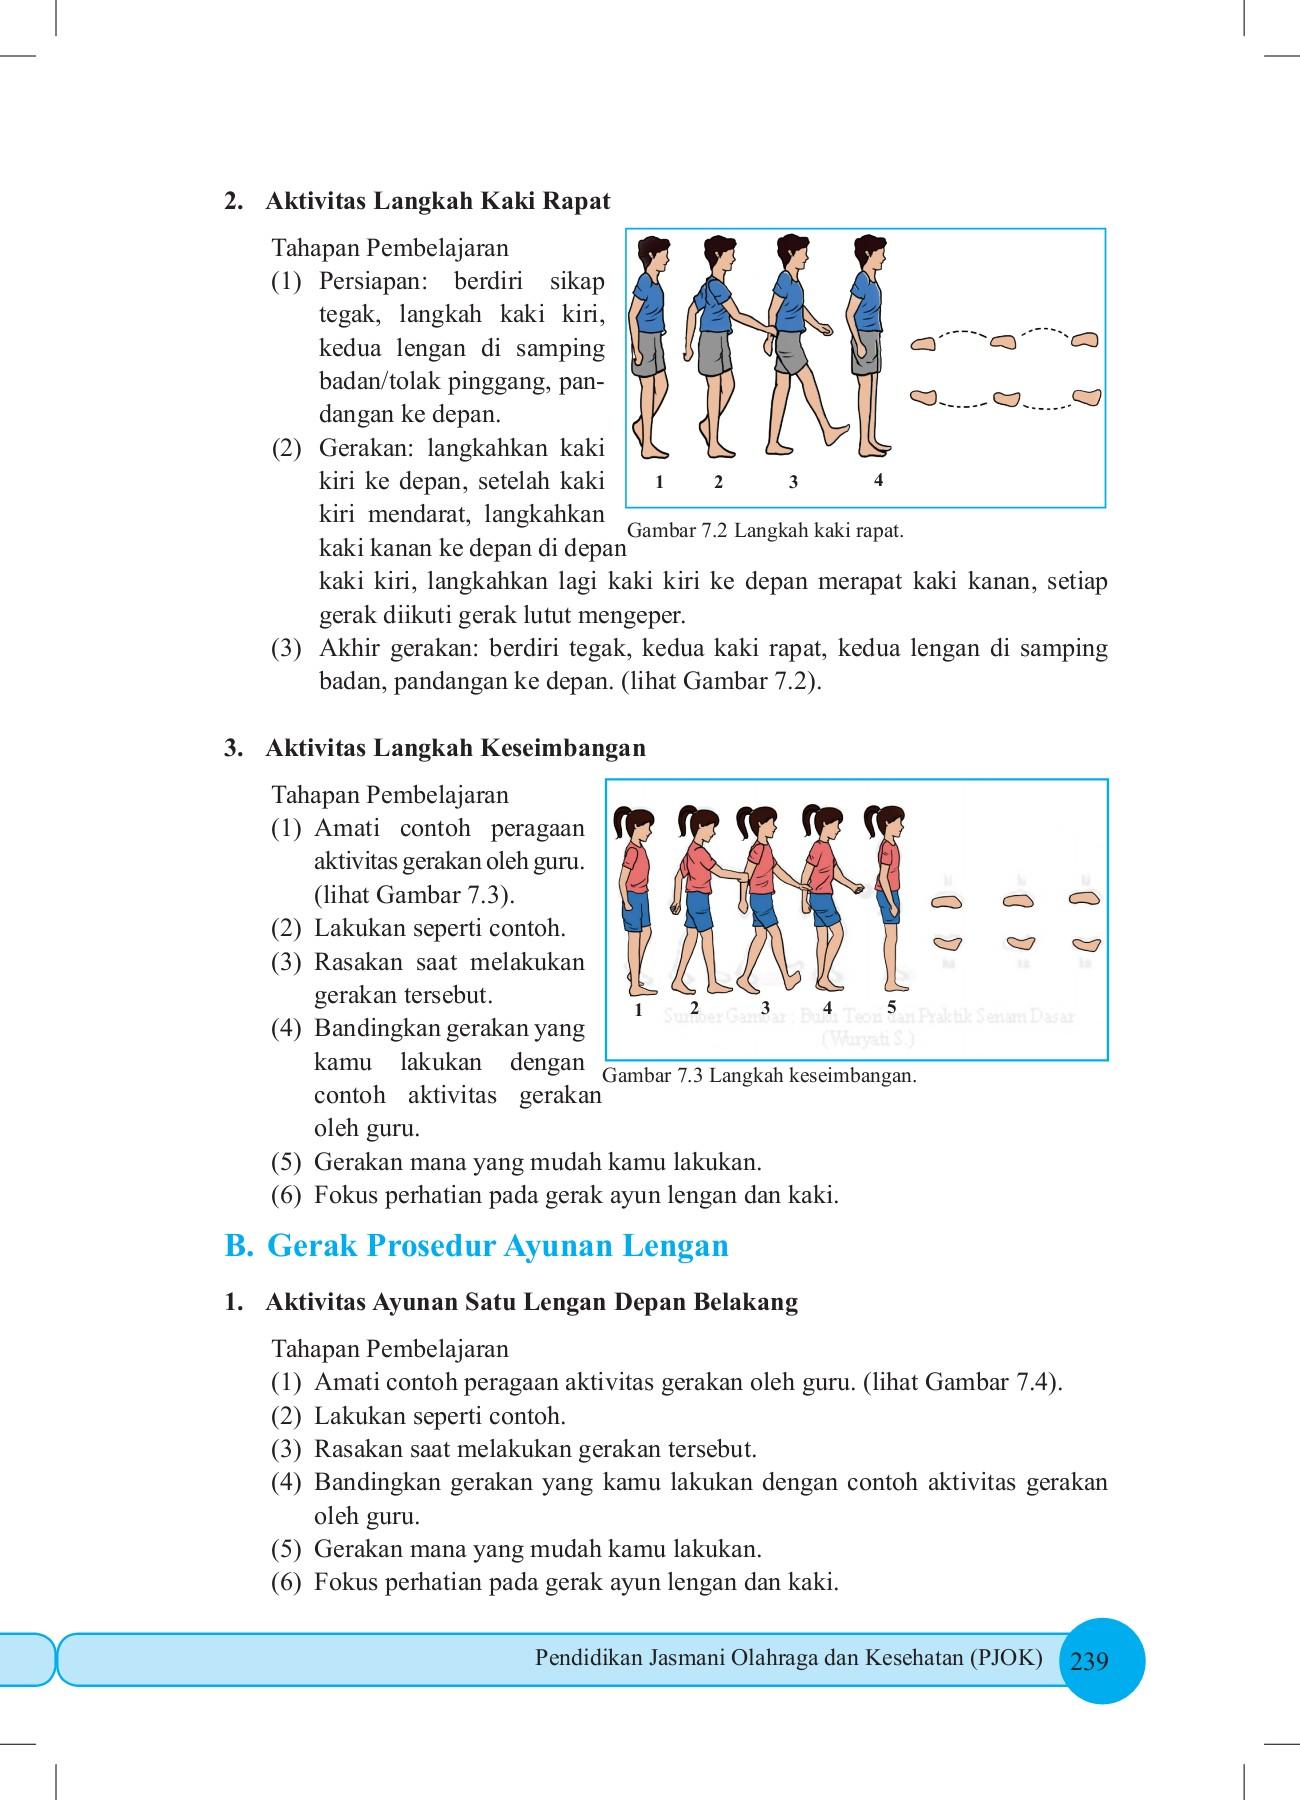 Berikut Yang Termasuk Akhir Gerakan Langkah Kaki Rapat Adalah : berikut, termasuk, akhir, gerakan, langkah, rapat, adalah, Kelas8_pjok_buku_siswa_smp_mts_kelas_viii_2027(unduhbuku.com), Pages, Download, FlipHTML5